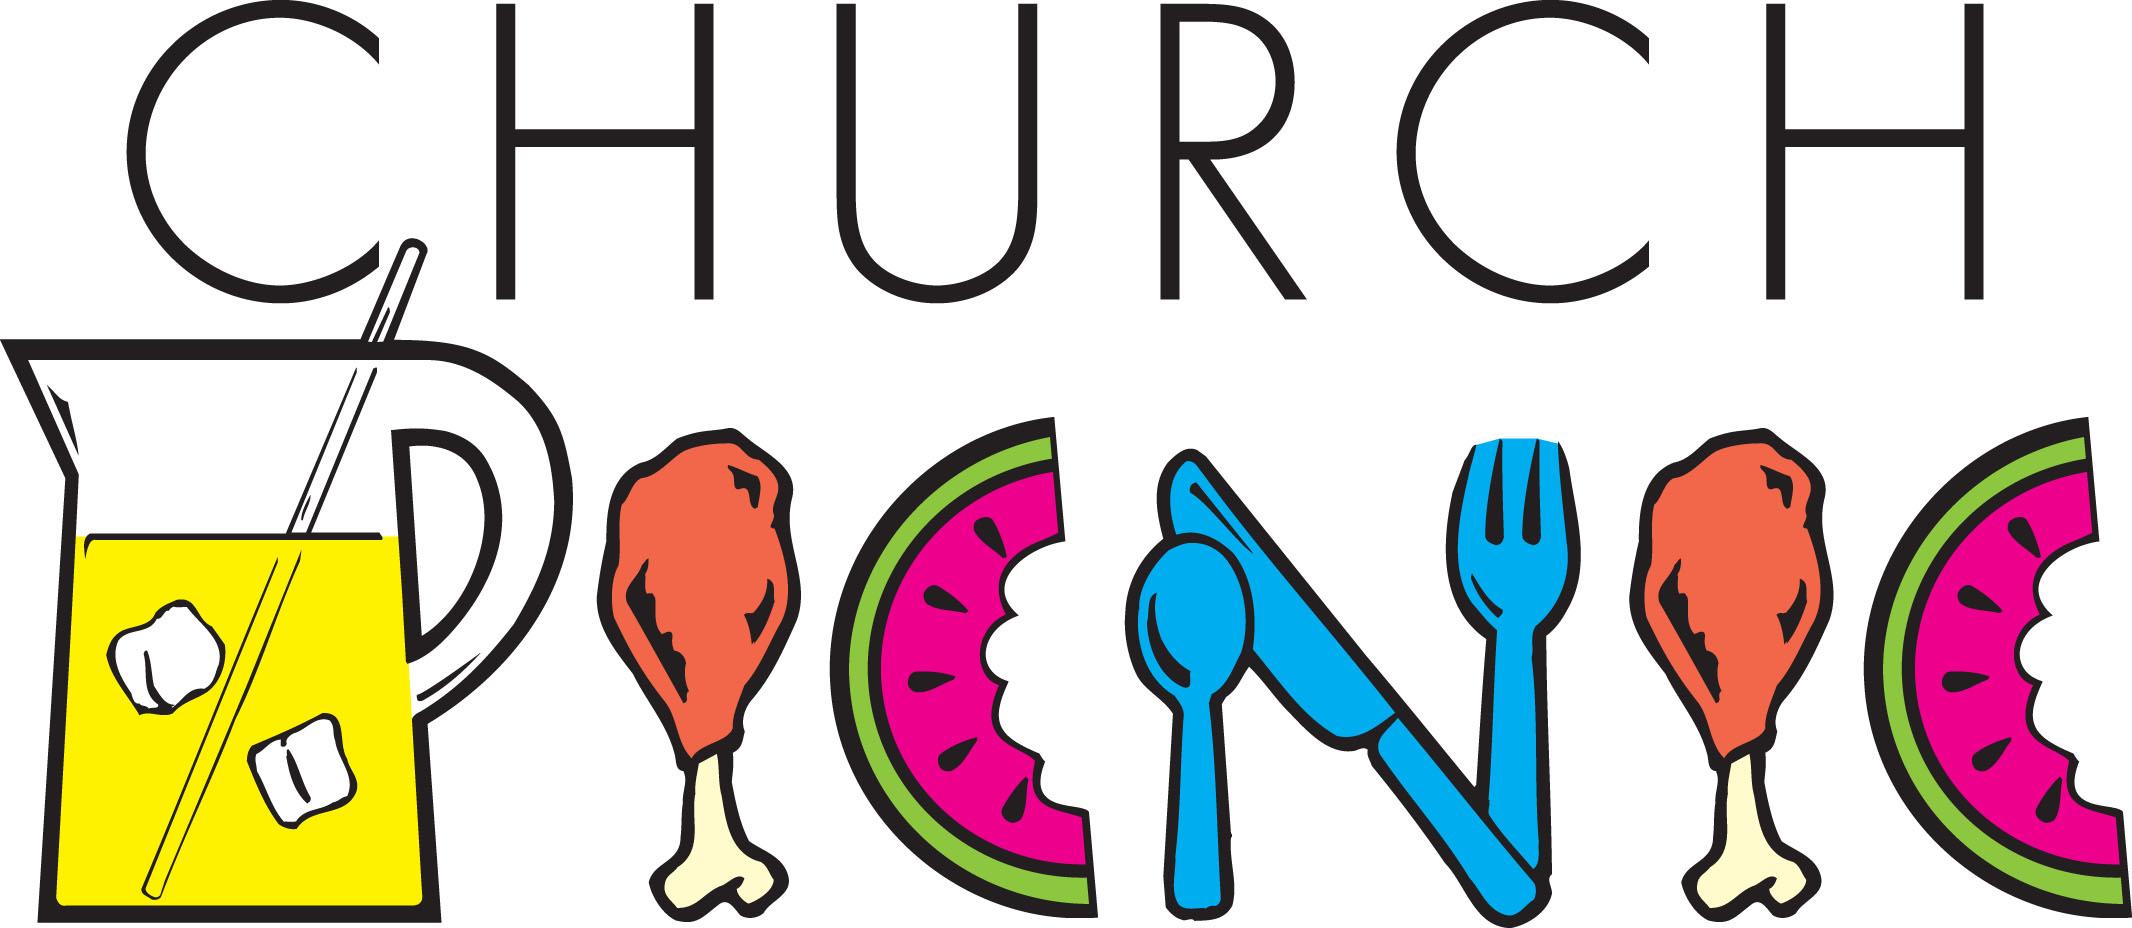 All-church picnic clipart